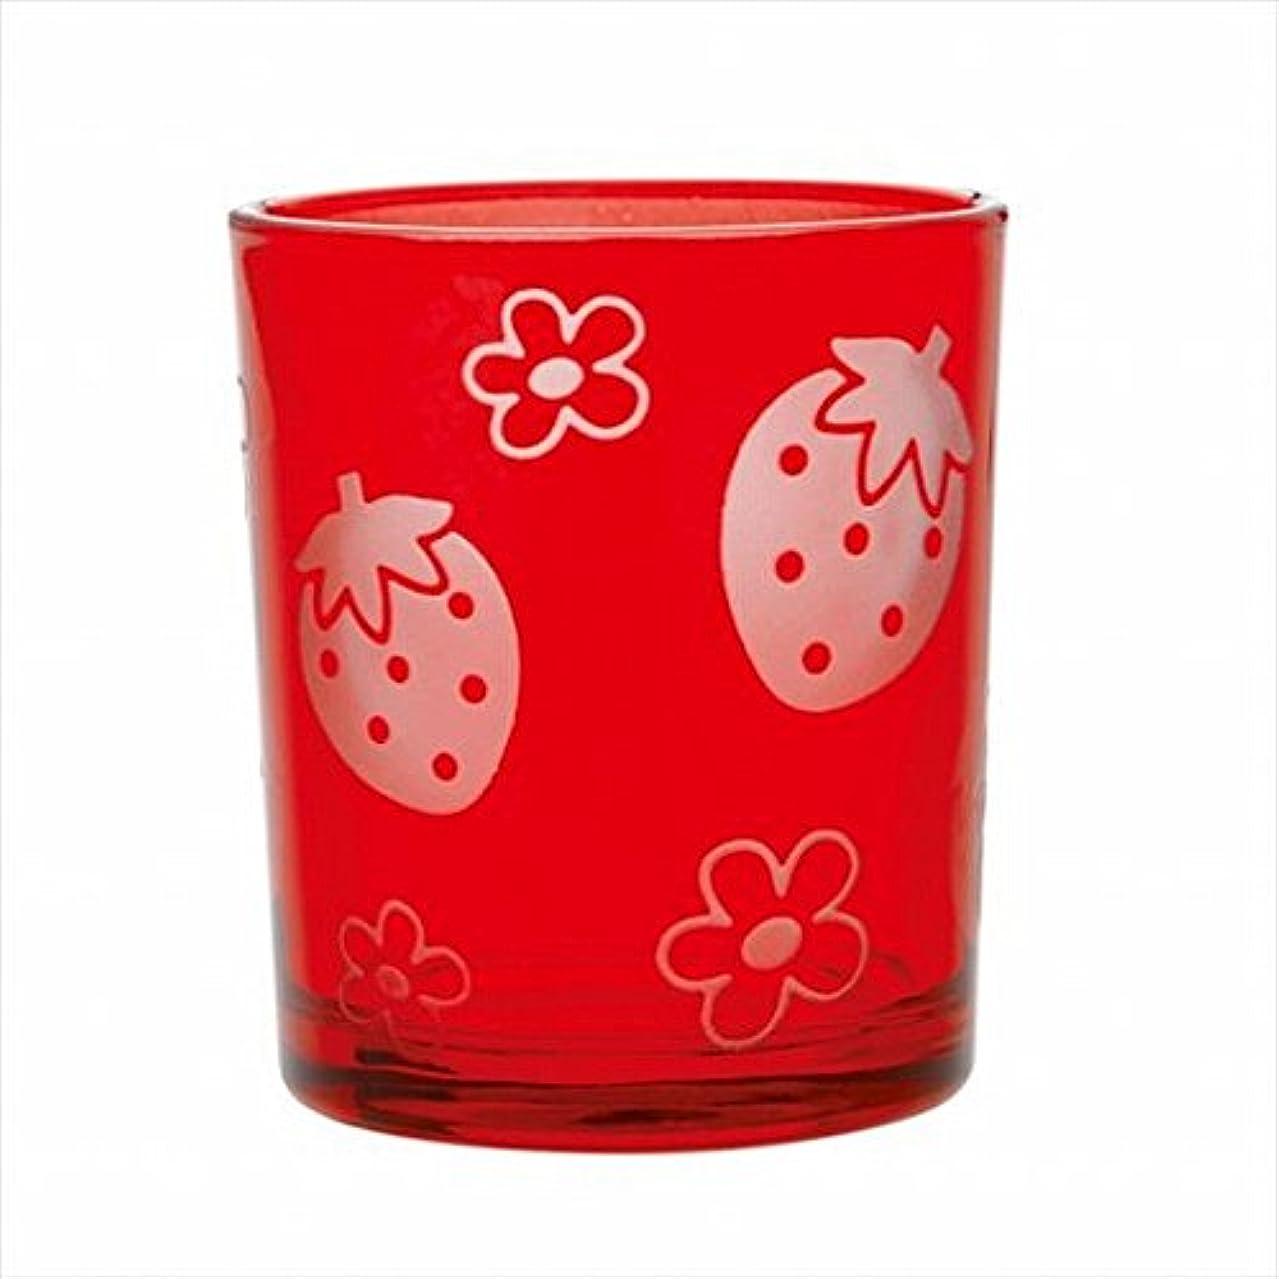 劣る終わった移行するsweets candle いちごフロストカップ 「 レッド 」